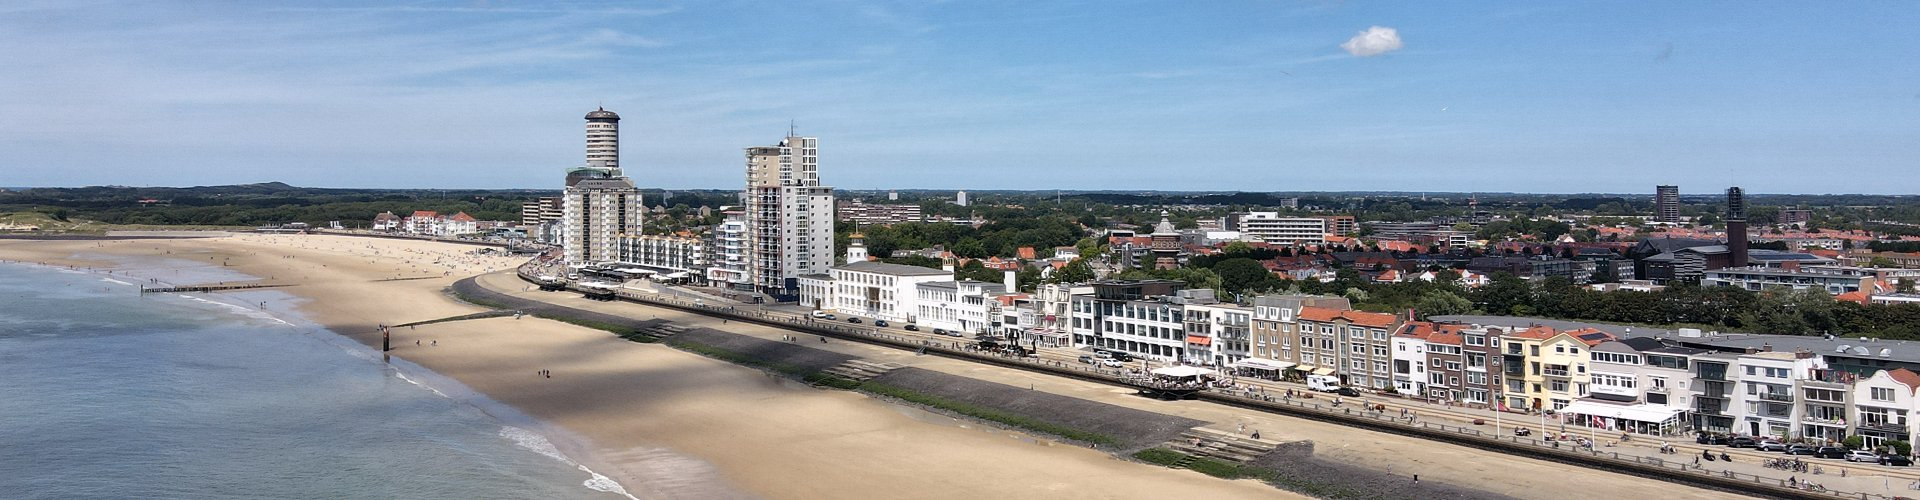 boulevard Vlissingen strand